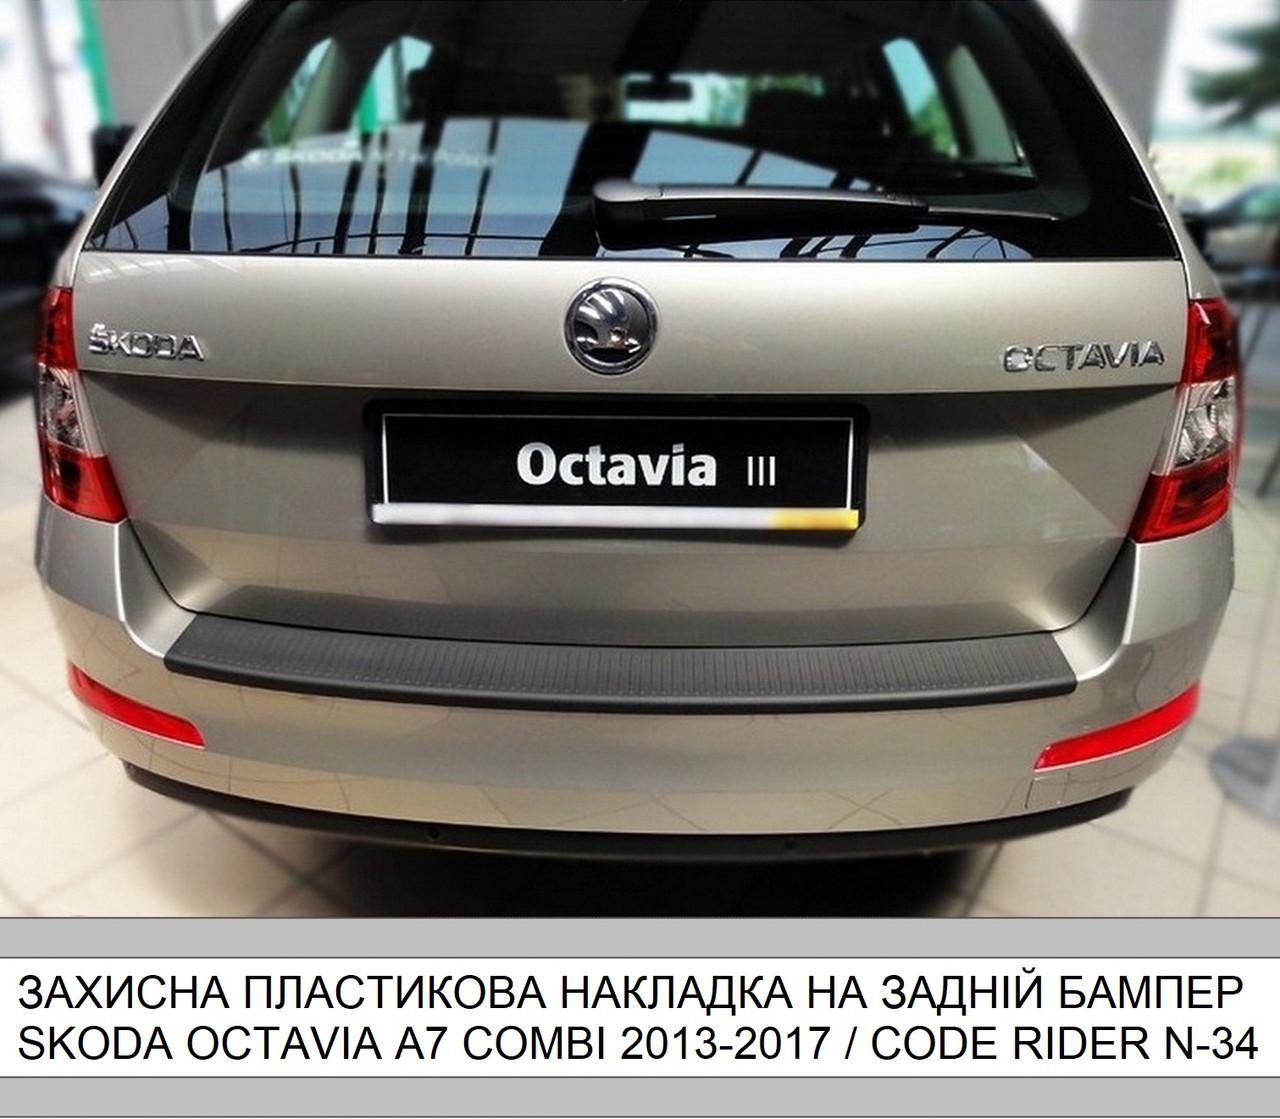 Пластикова захисна накладка на задній бампер для Skoda Octavia A7 Combi 2013-2017., фото 2